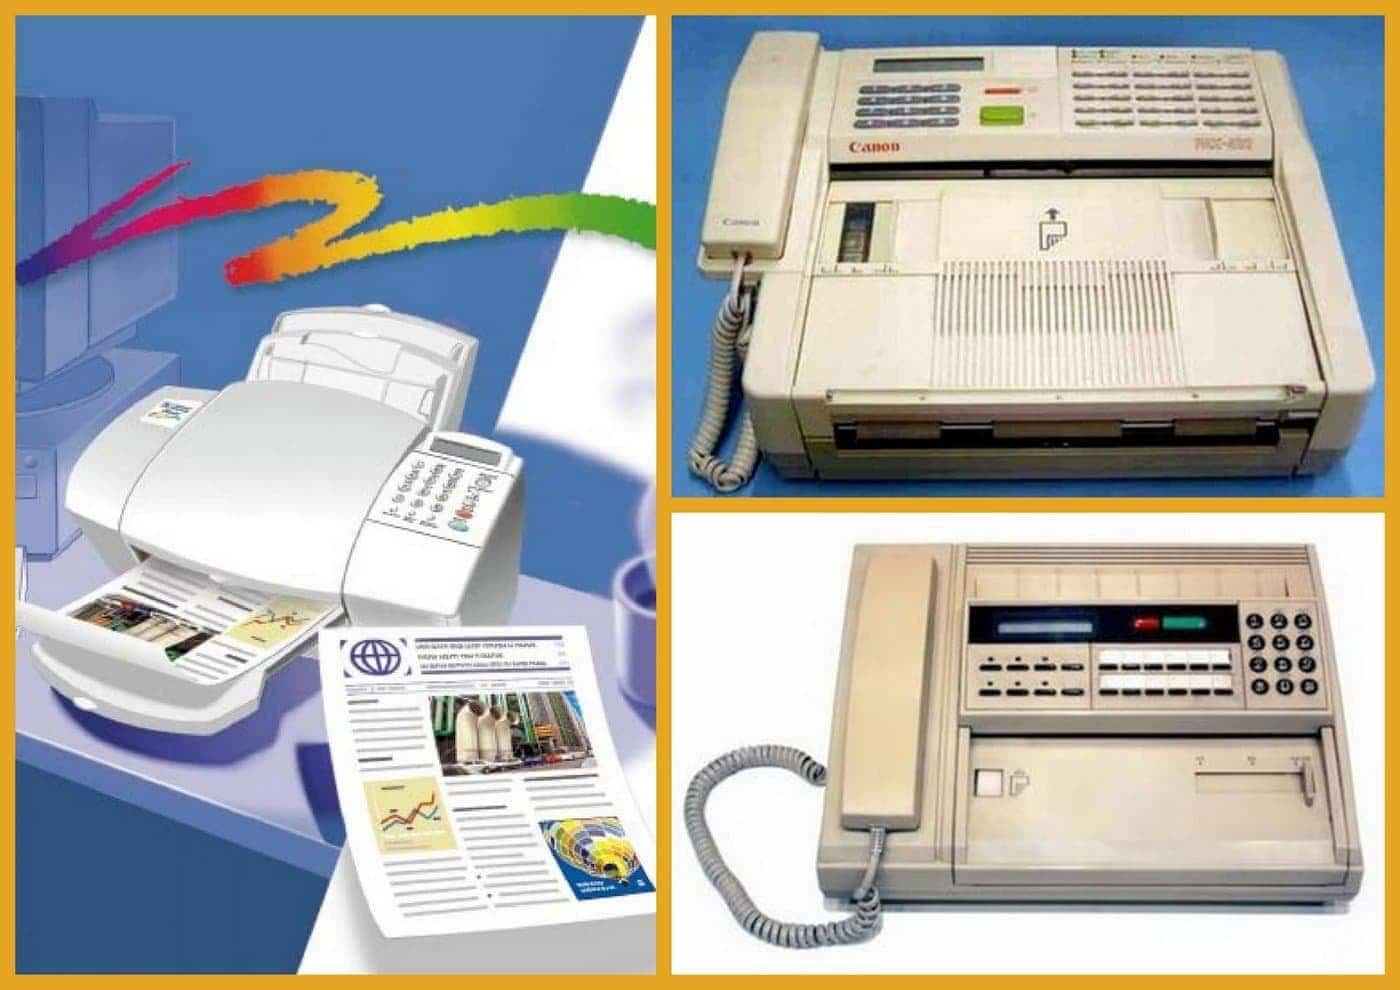 Vintage fax machines